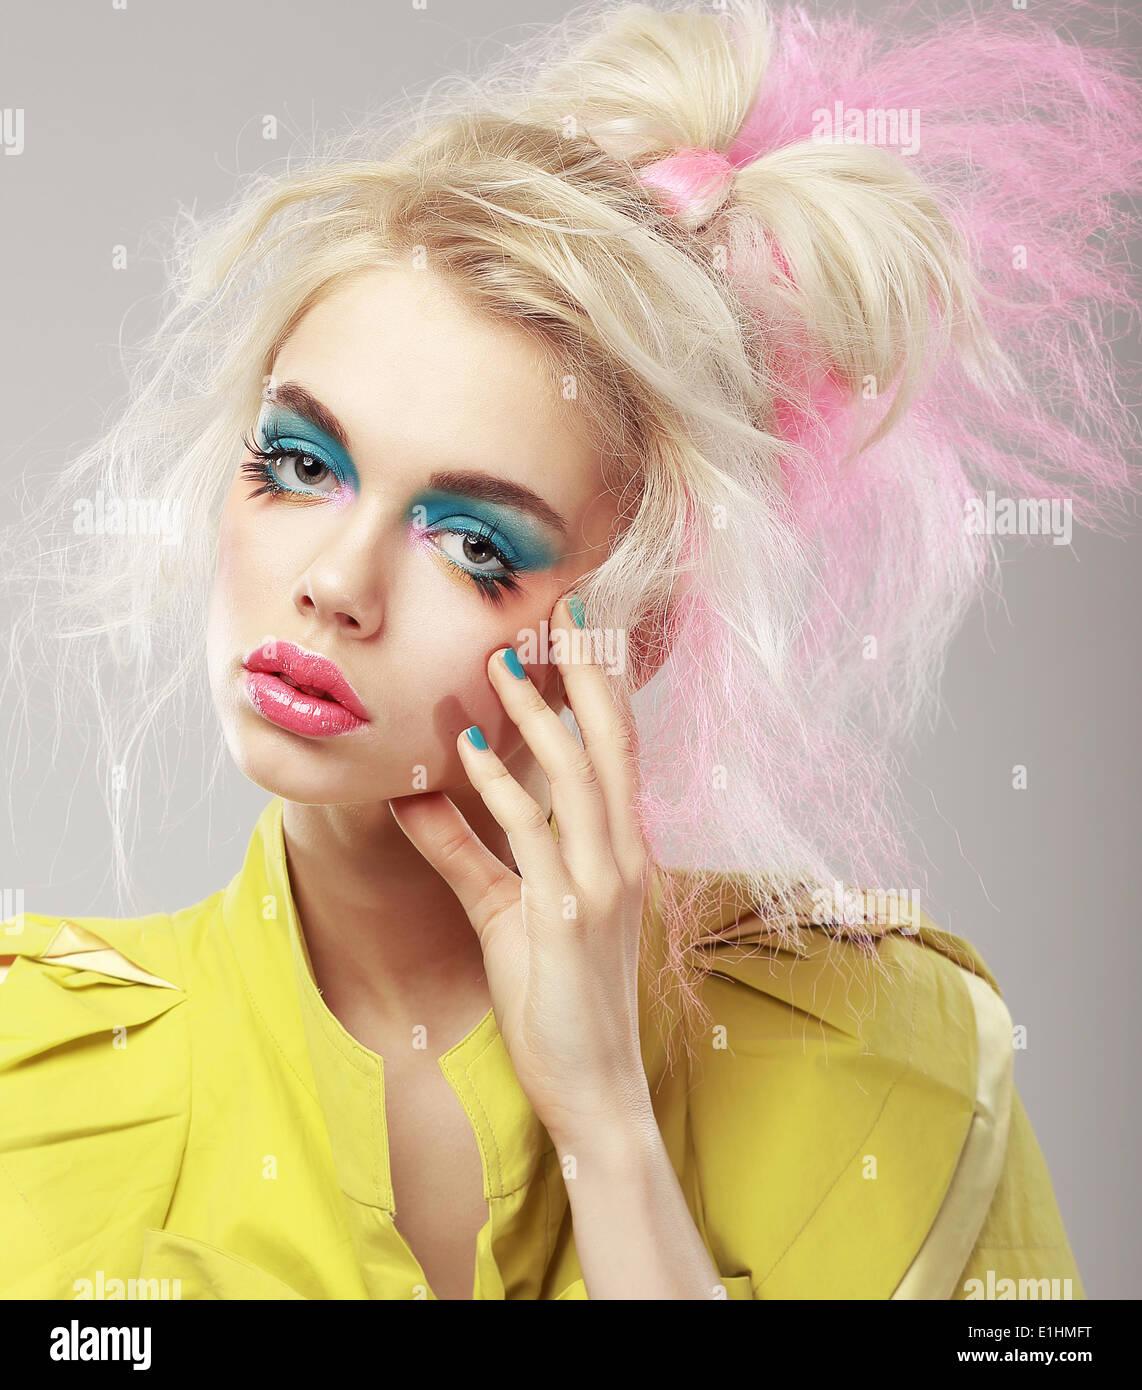 Porträt von helle Blondine mit zotteligen Haaren und blauen Augen Make-up. Glam Stockbild